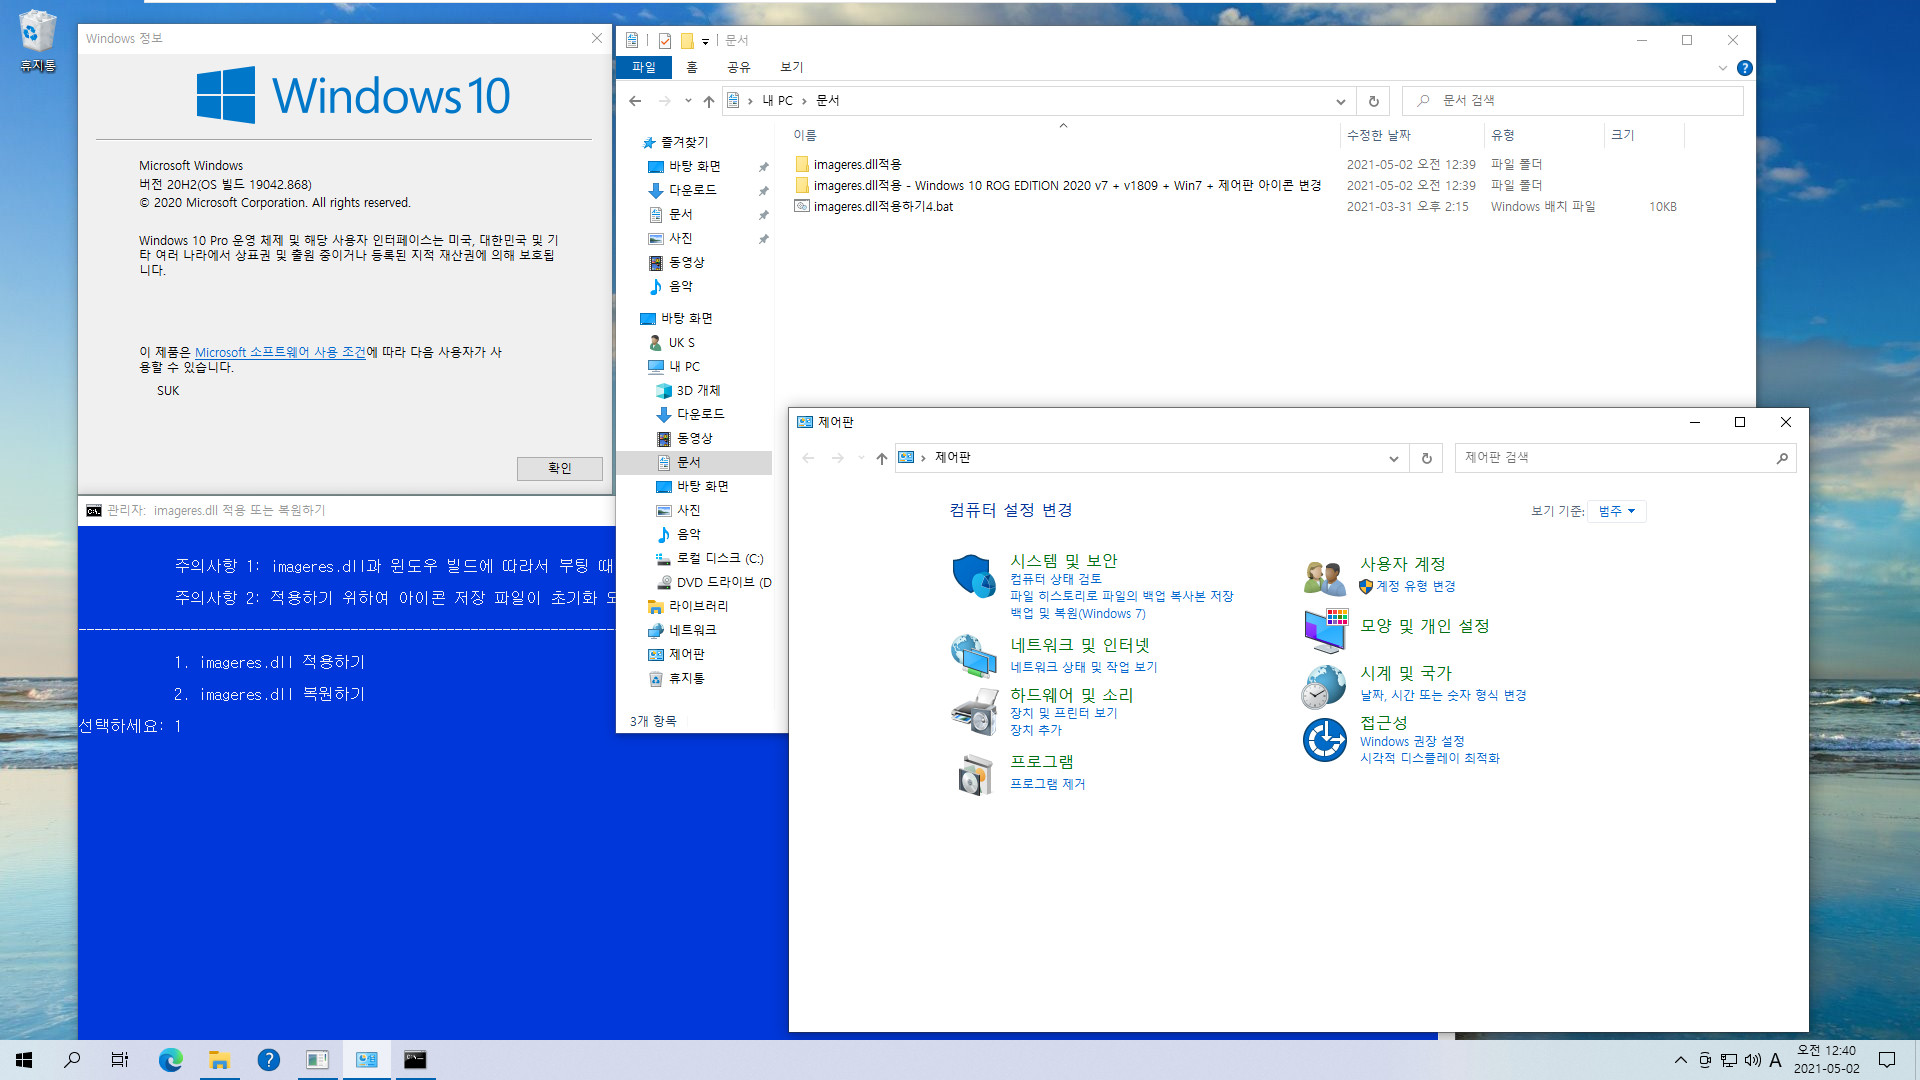 imageres.dll적용 테스트 - Windows 10 ROG EDITION 2020 v7 [+ v1809 + Win7 + 제어판 아이콘 변경] 2021-05-02_004019.jpg